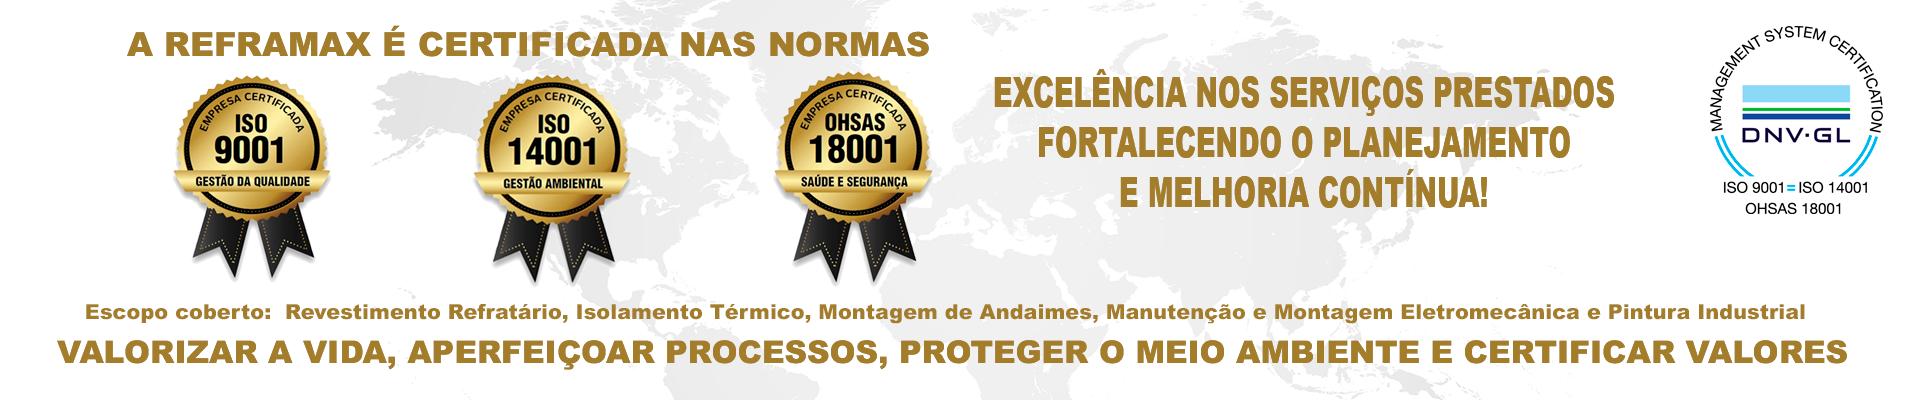 Normas ISO da Reframax Engenharia